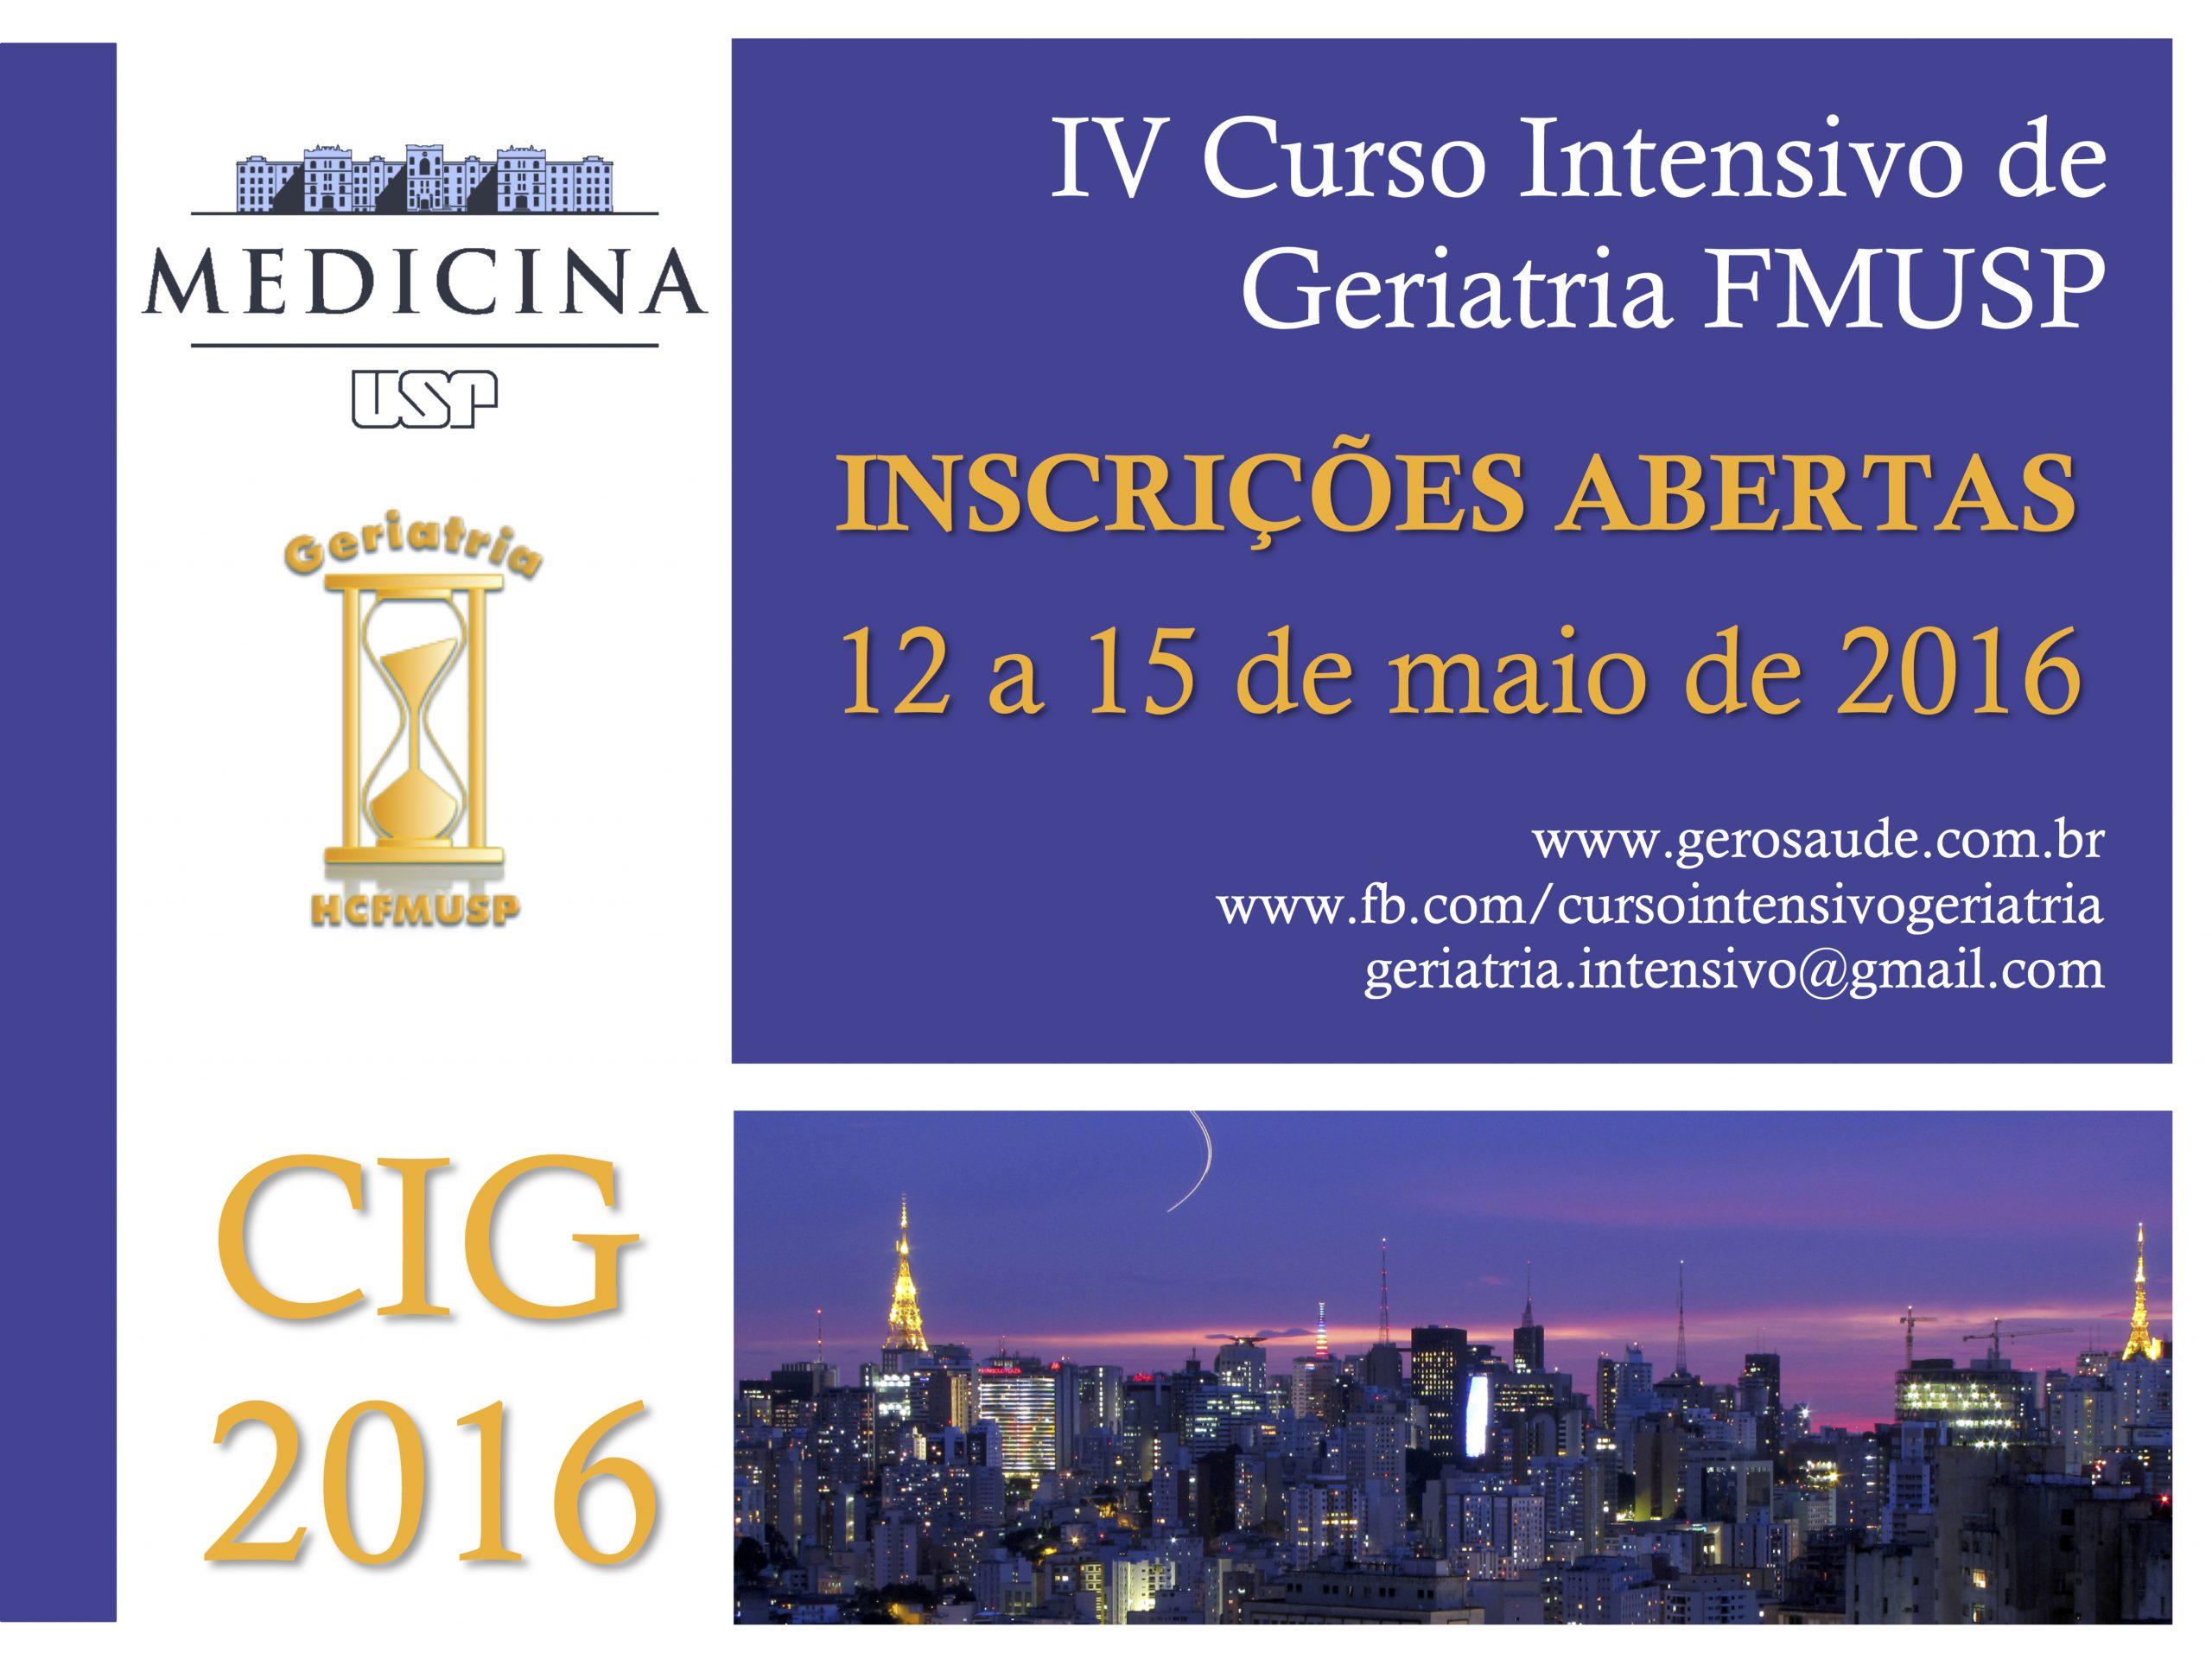 IV Curso Intensivo de Geriatria FMUSP